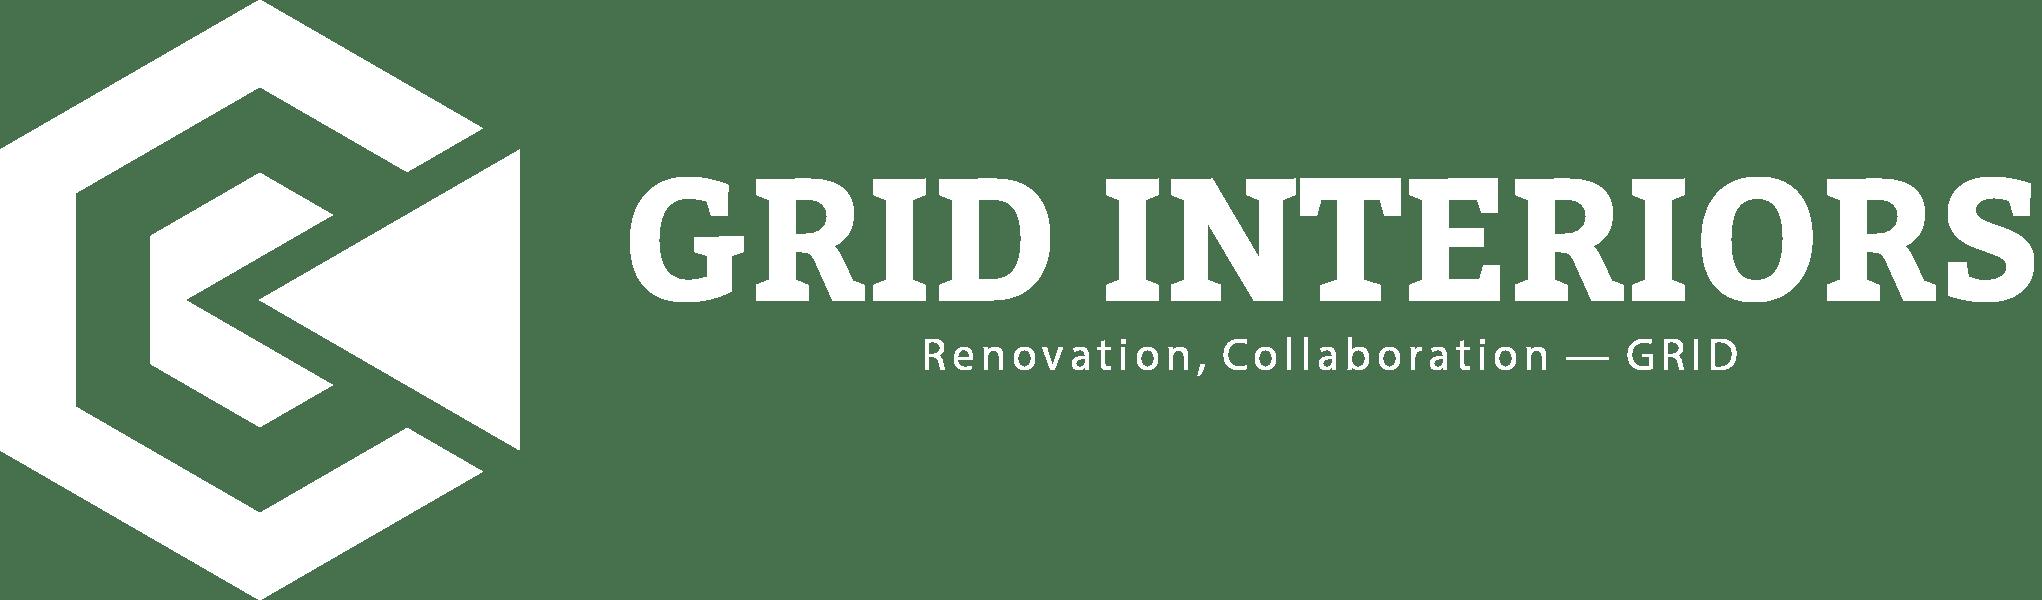 Grid Interiors